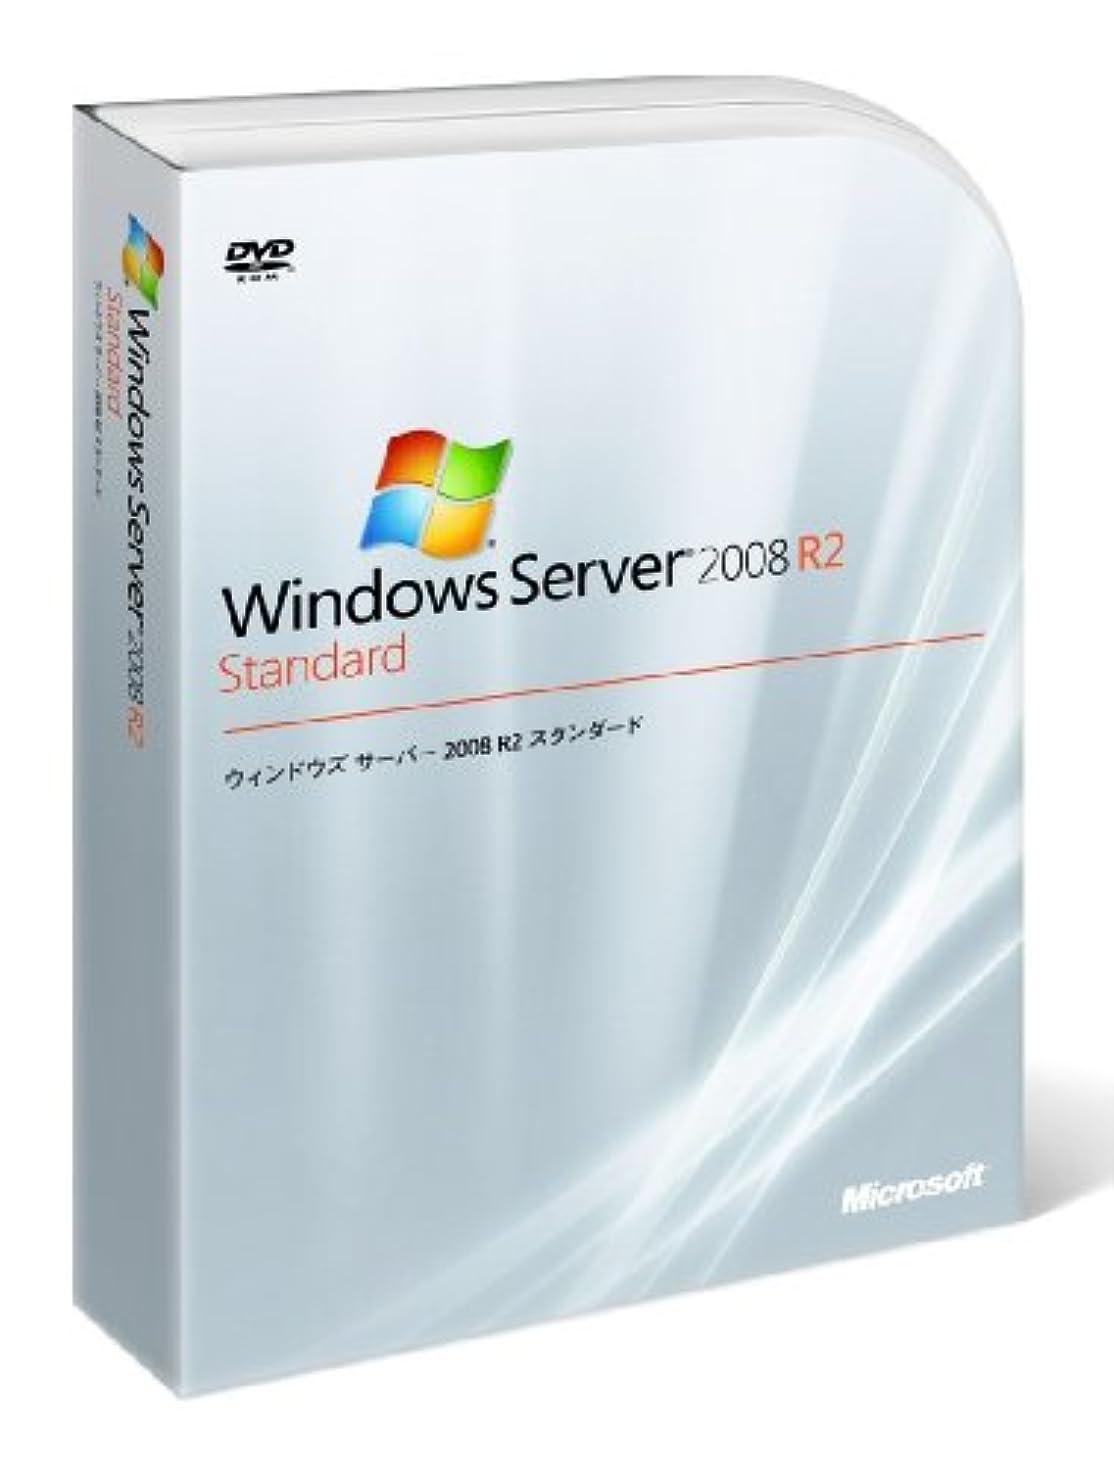 トーン同一の犯罪Microsoft Windows Server 2008 R2 Standard (10 クライアント アクセス ライセンス付)